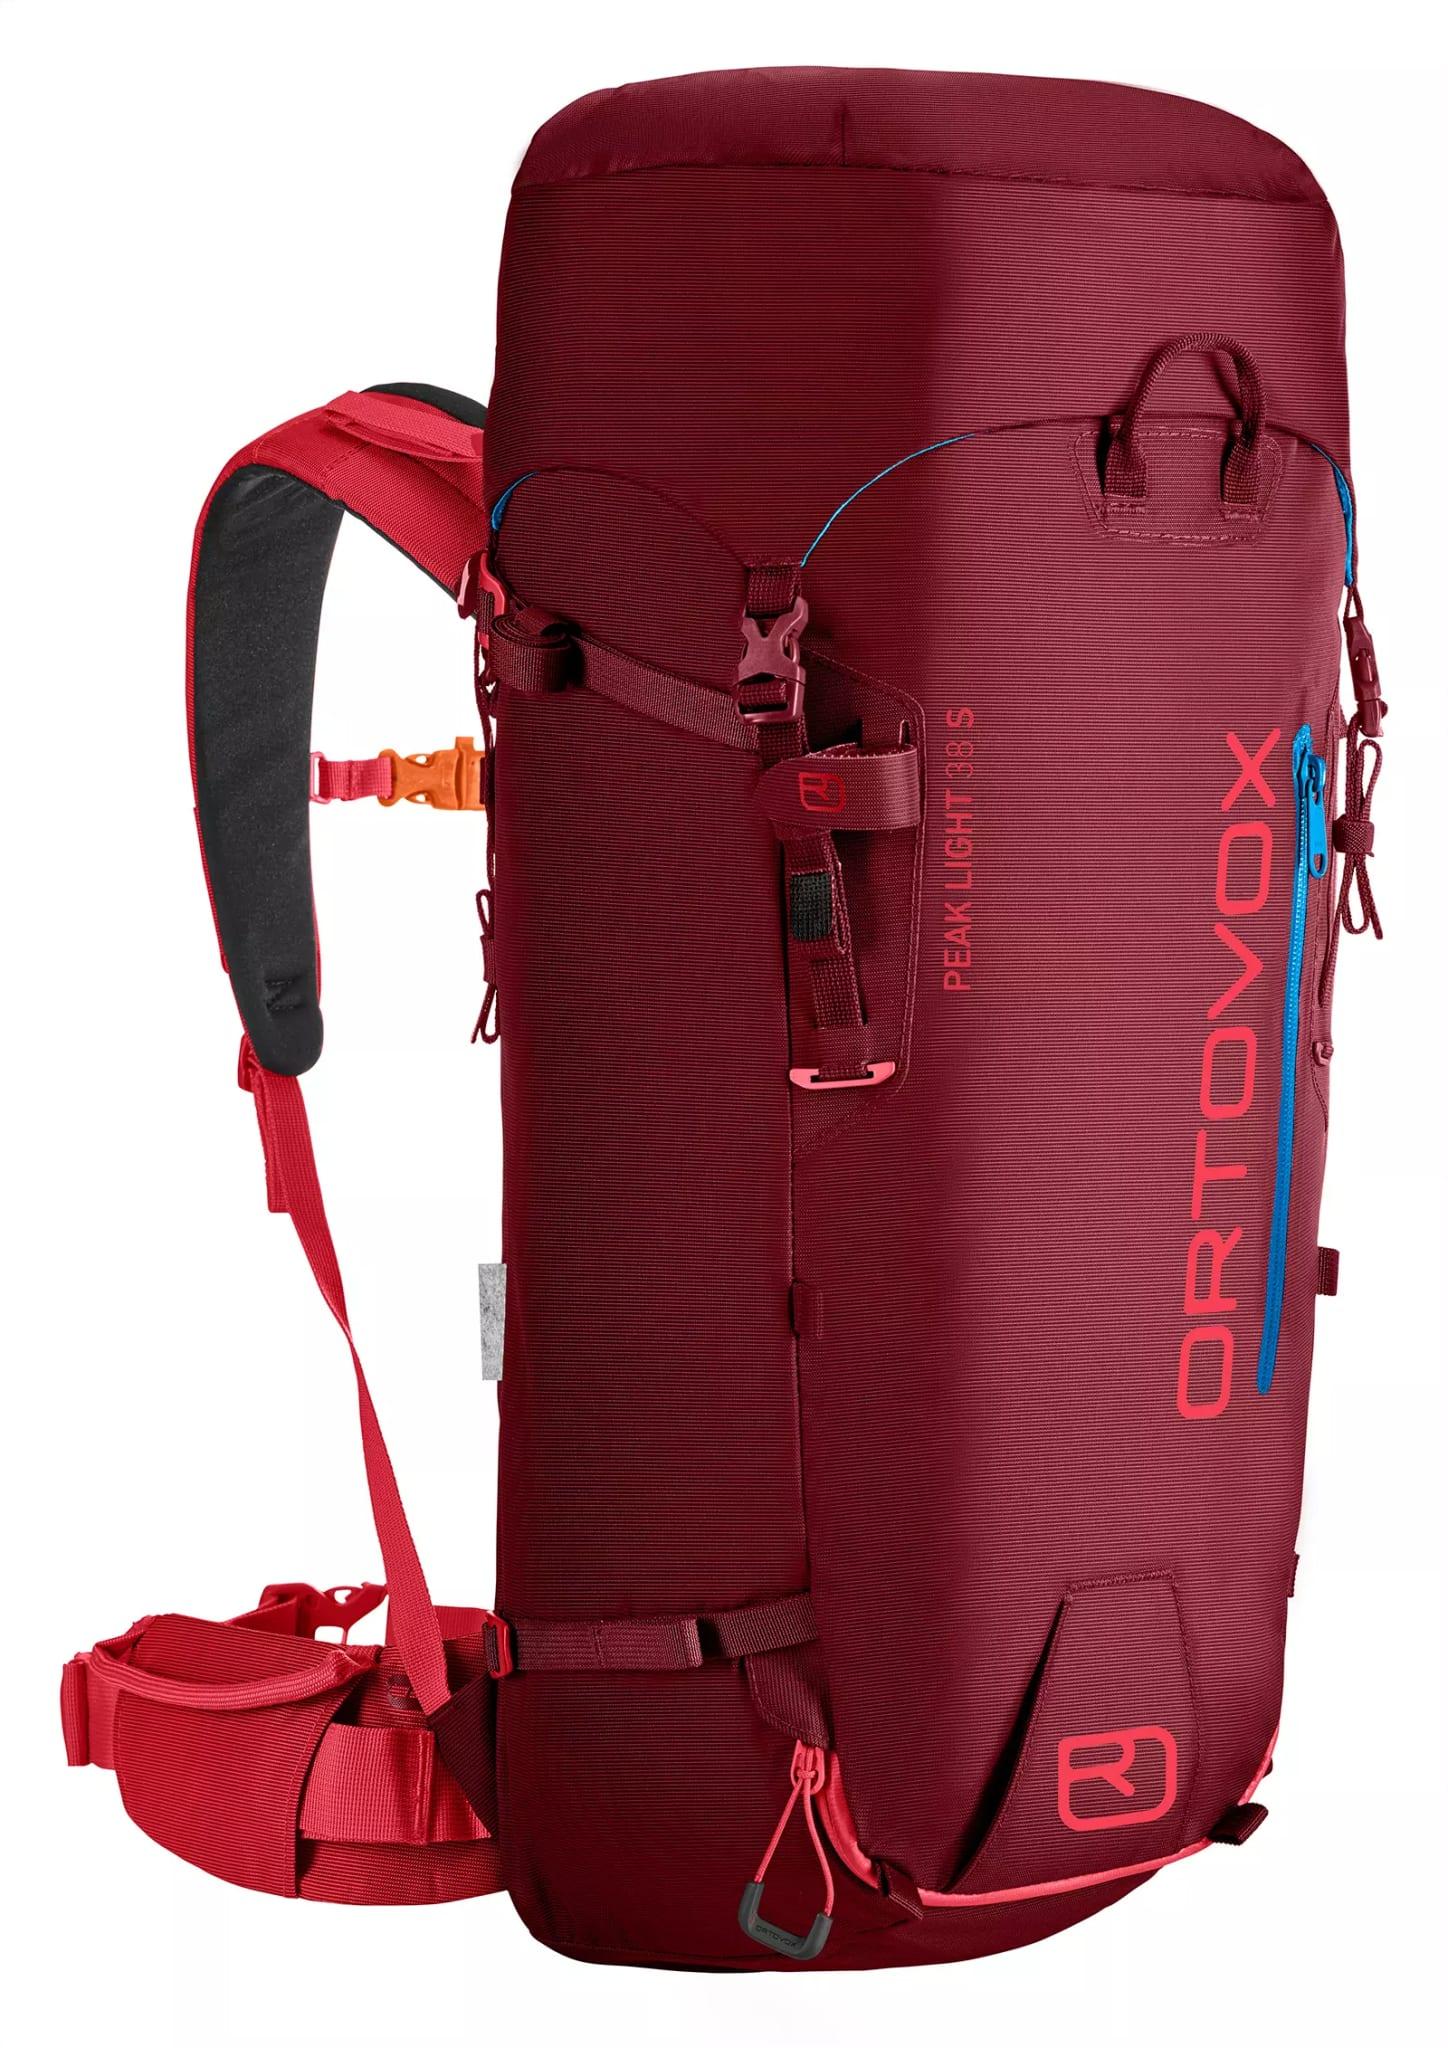 Lett sekk med kort rygg for klatring og ski hele året